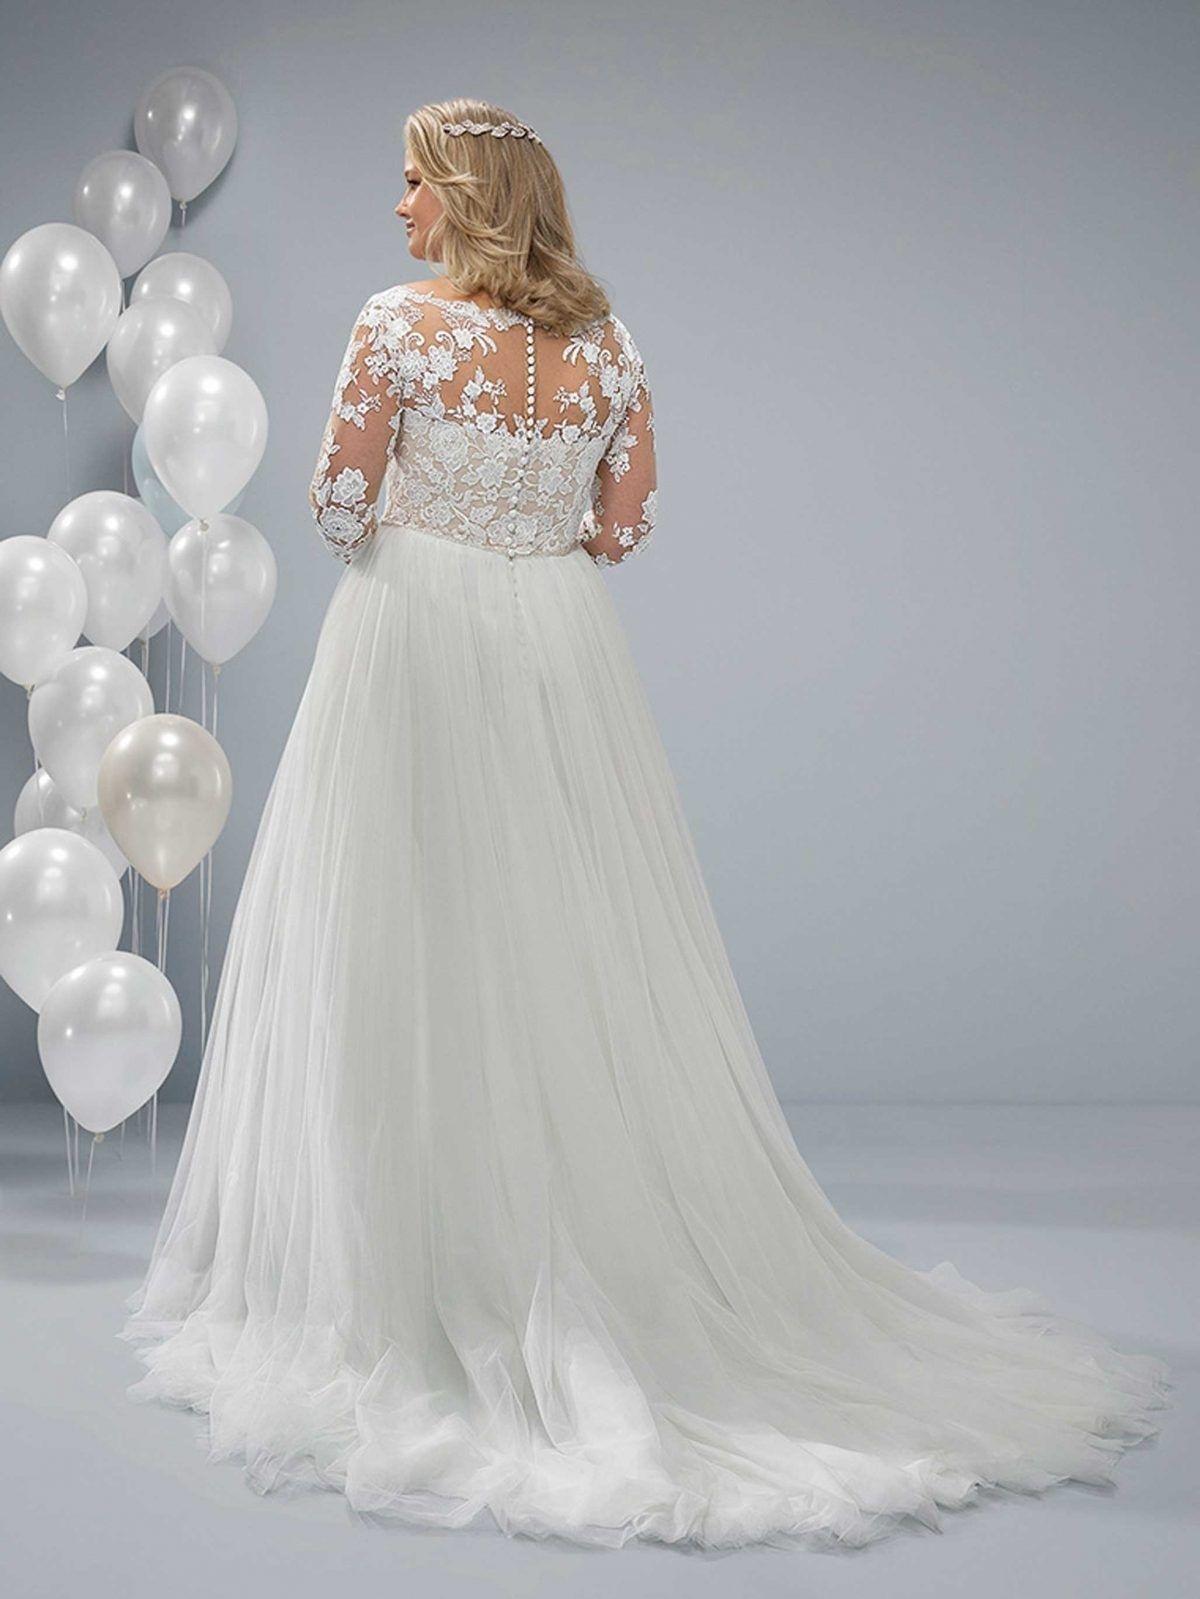 Formal Wunderbar Brautmode Brautkleid Vertrieb15 Schön Brautmode Brautkleid für 2019